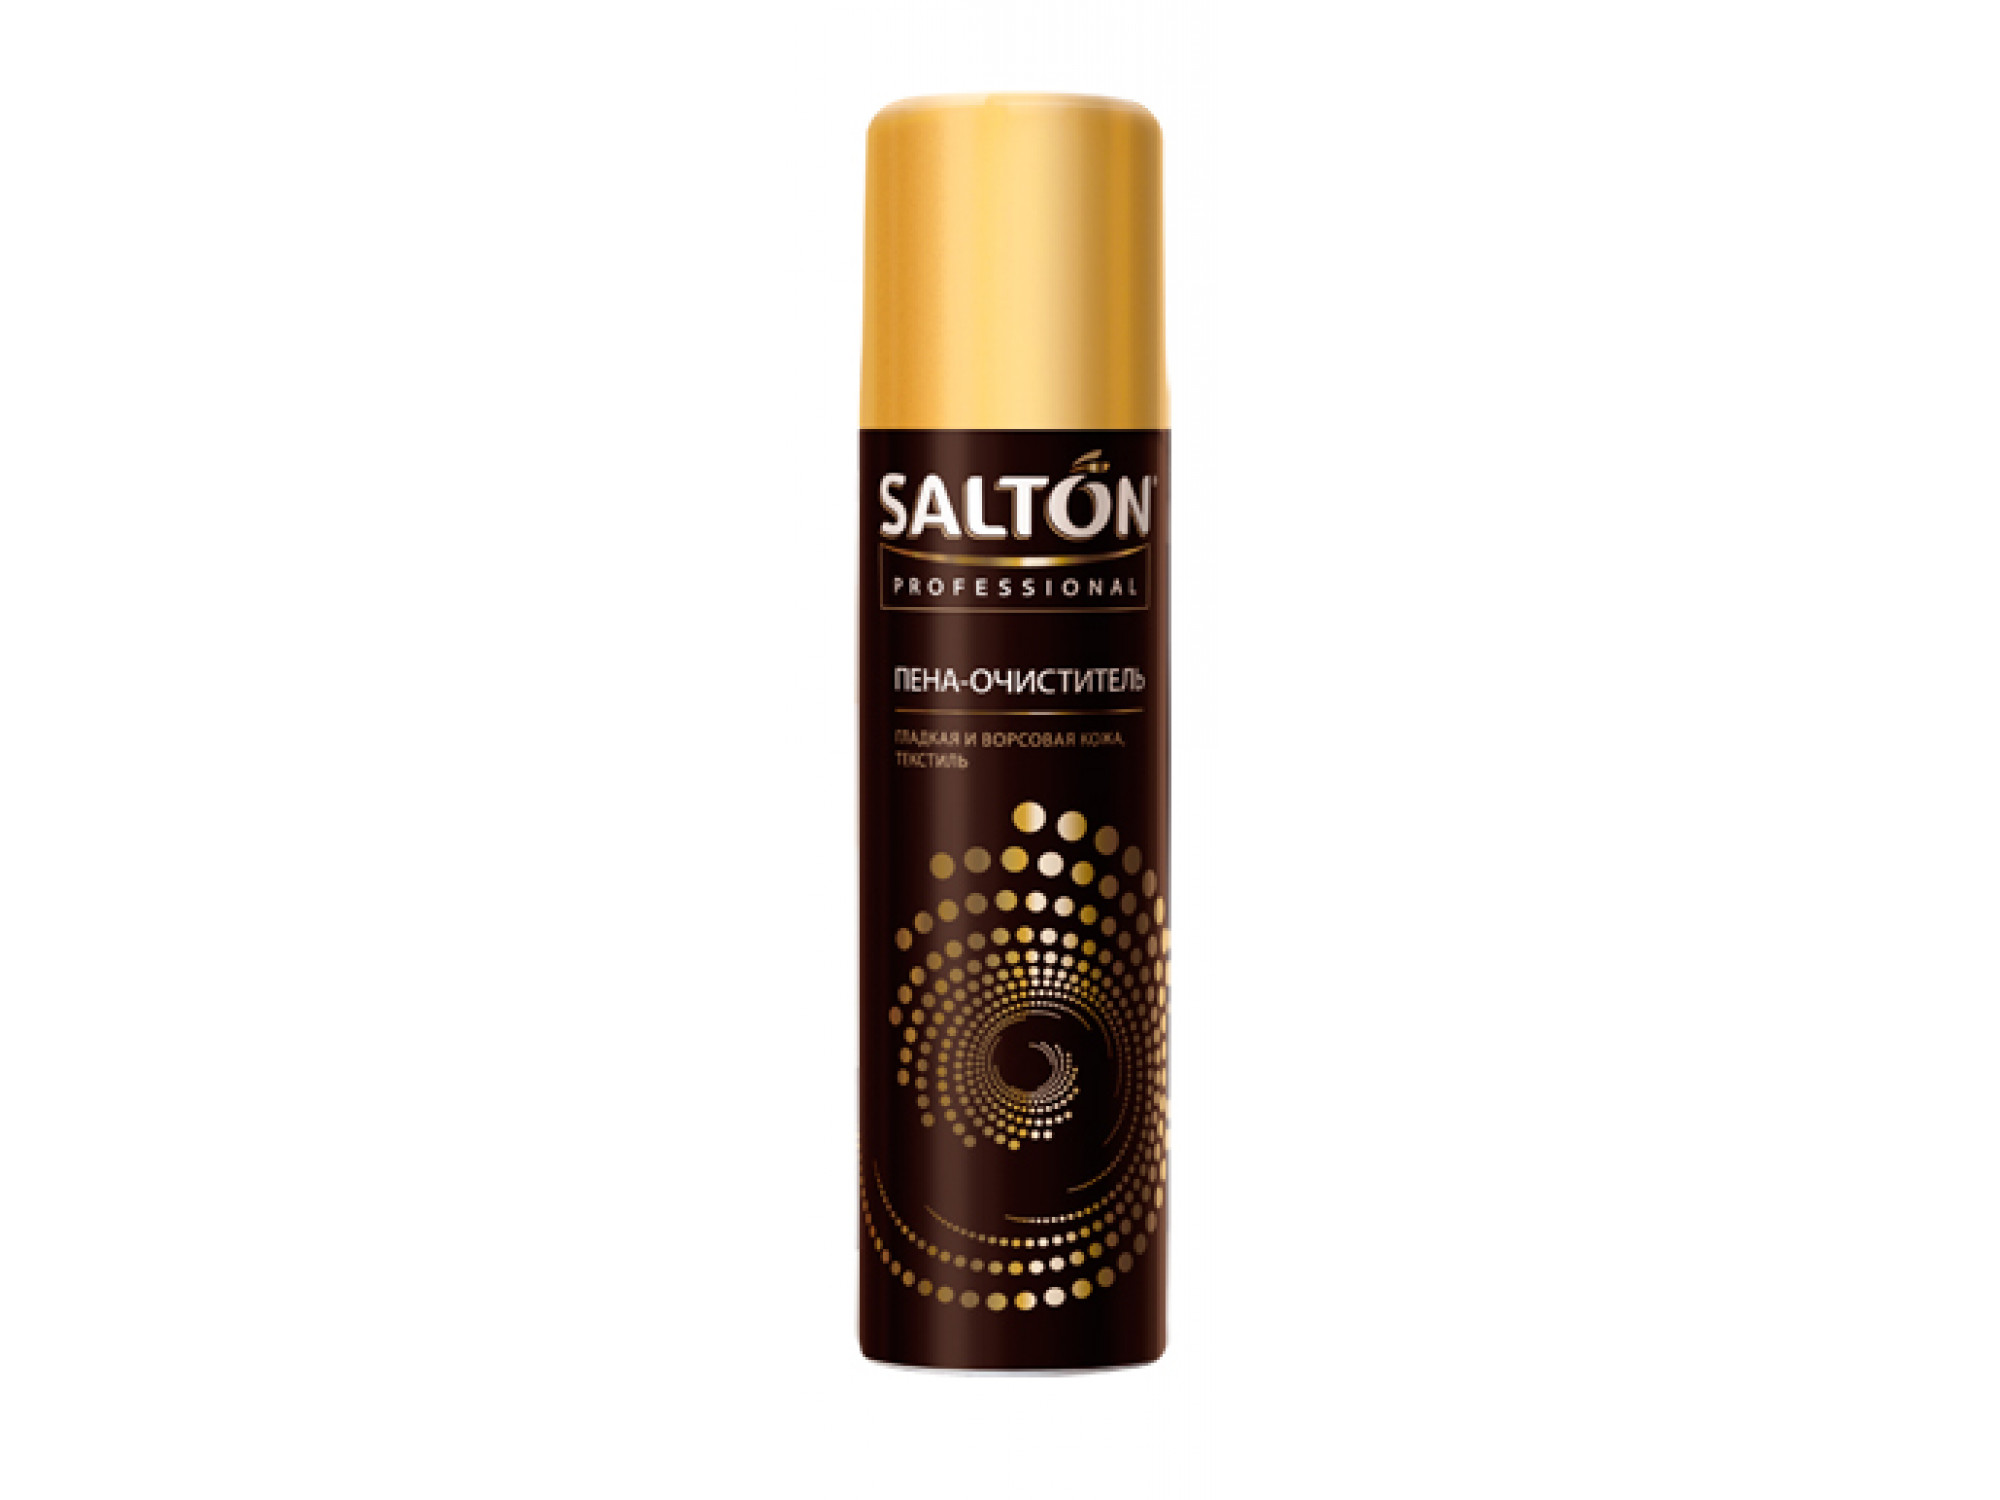 Пена-очиститель для обуви Salton Professional